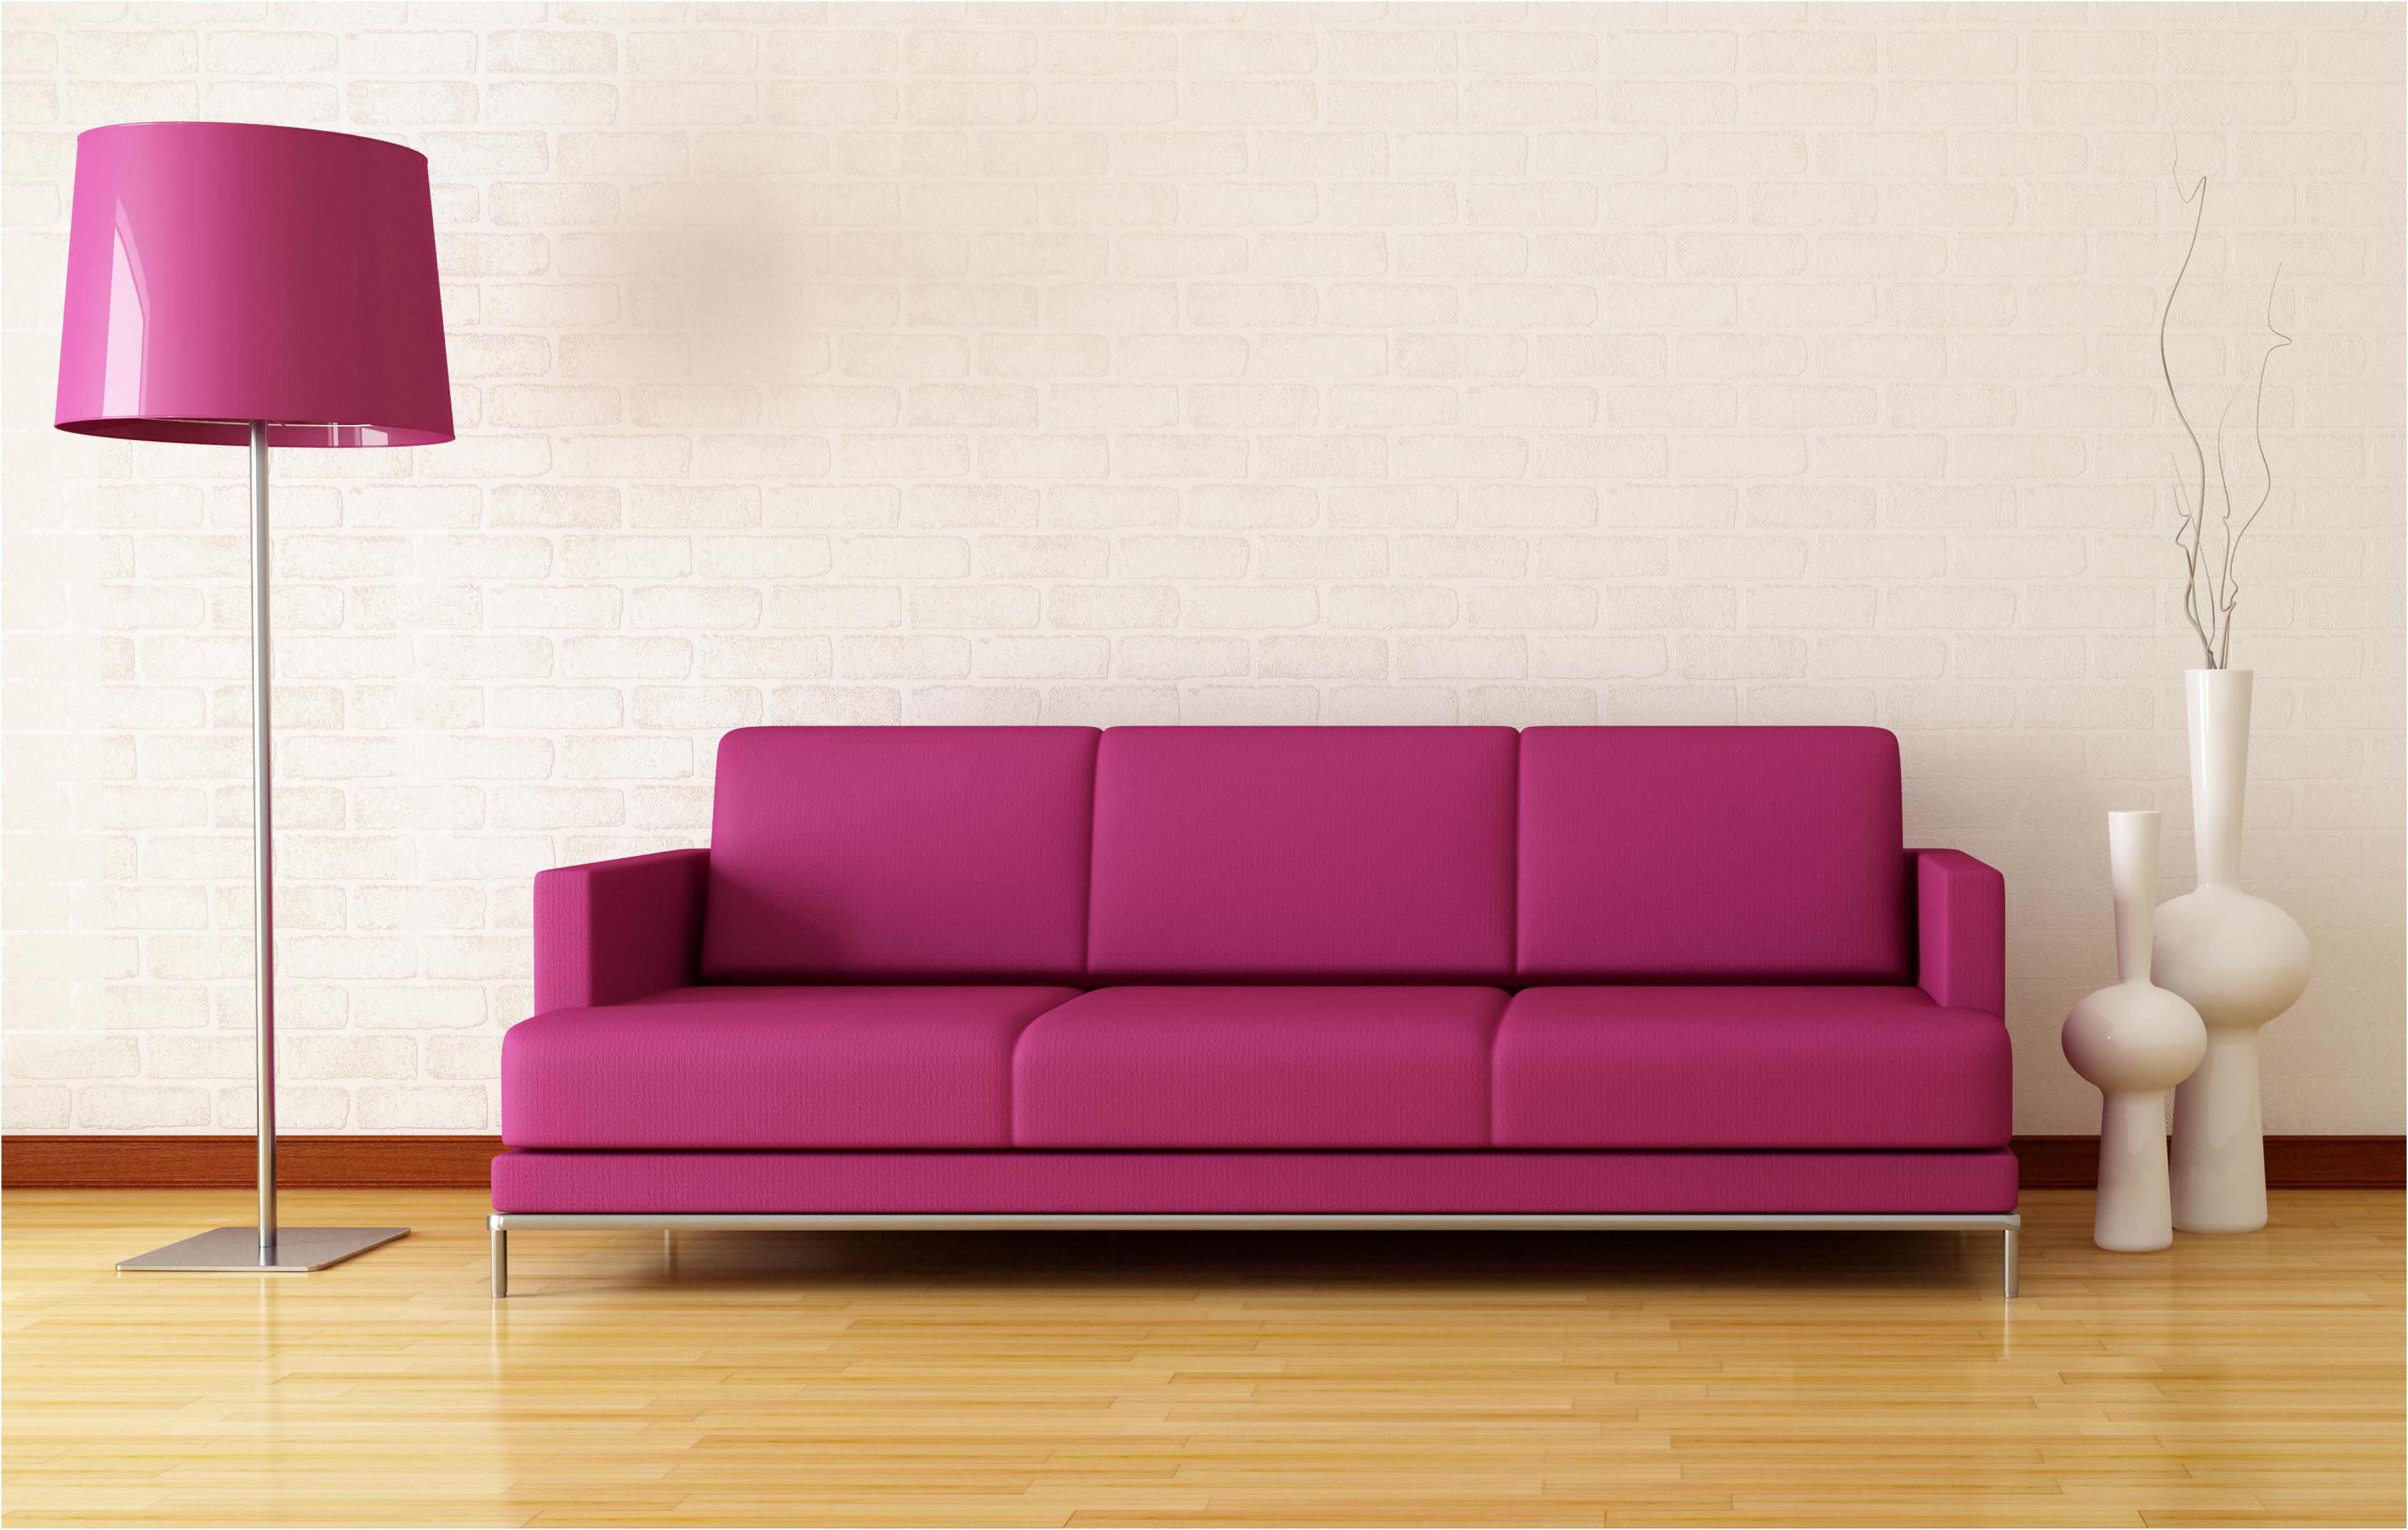 Sofas Alfafar Tldn Tiendas Muebles Alfafar Sedavi Excelente Me sofas Tienda Exposicion